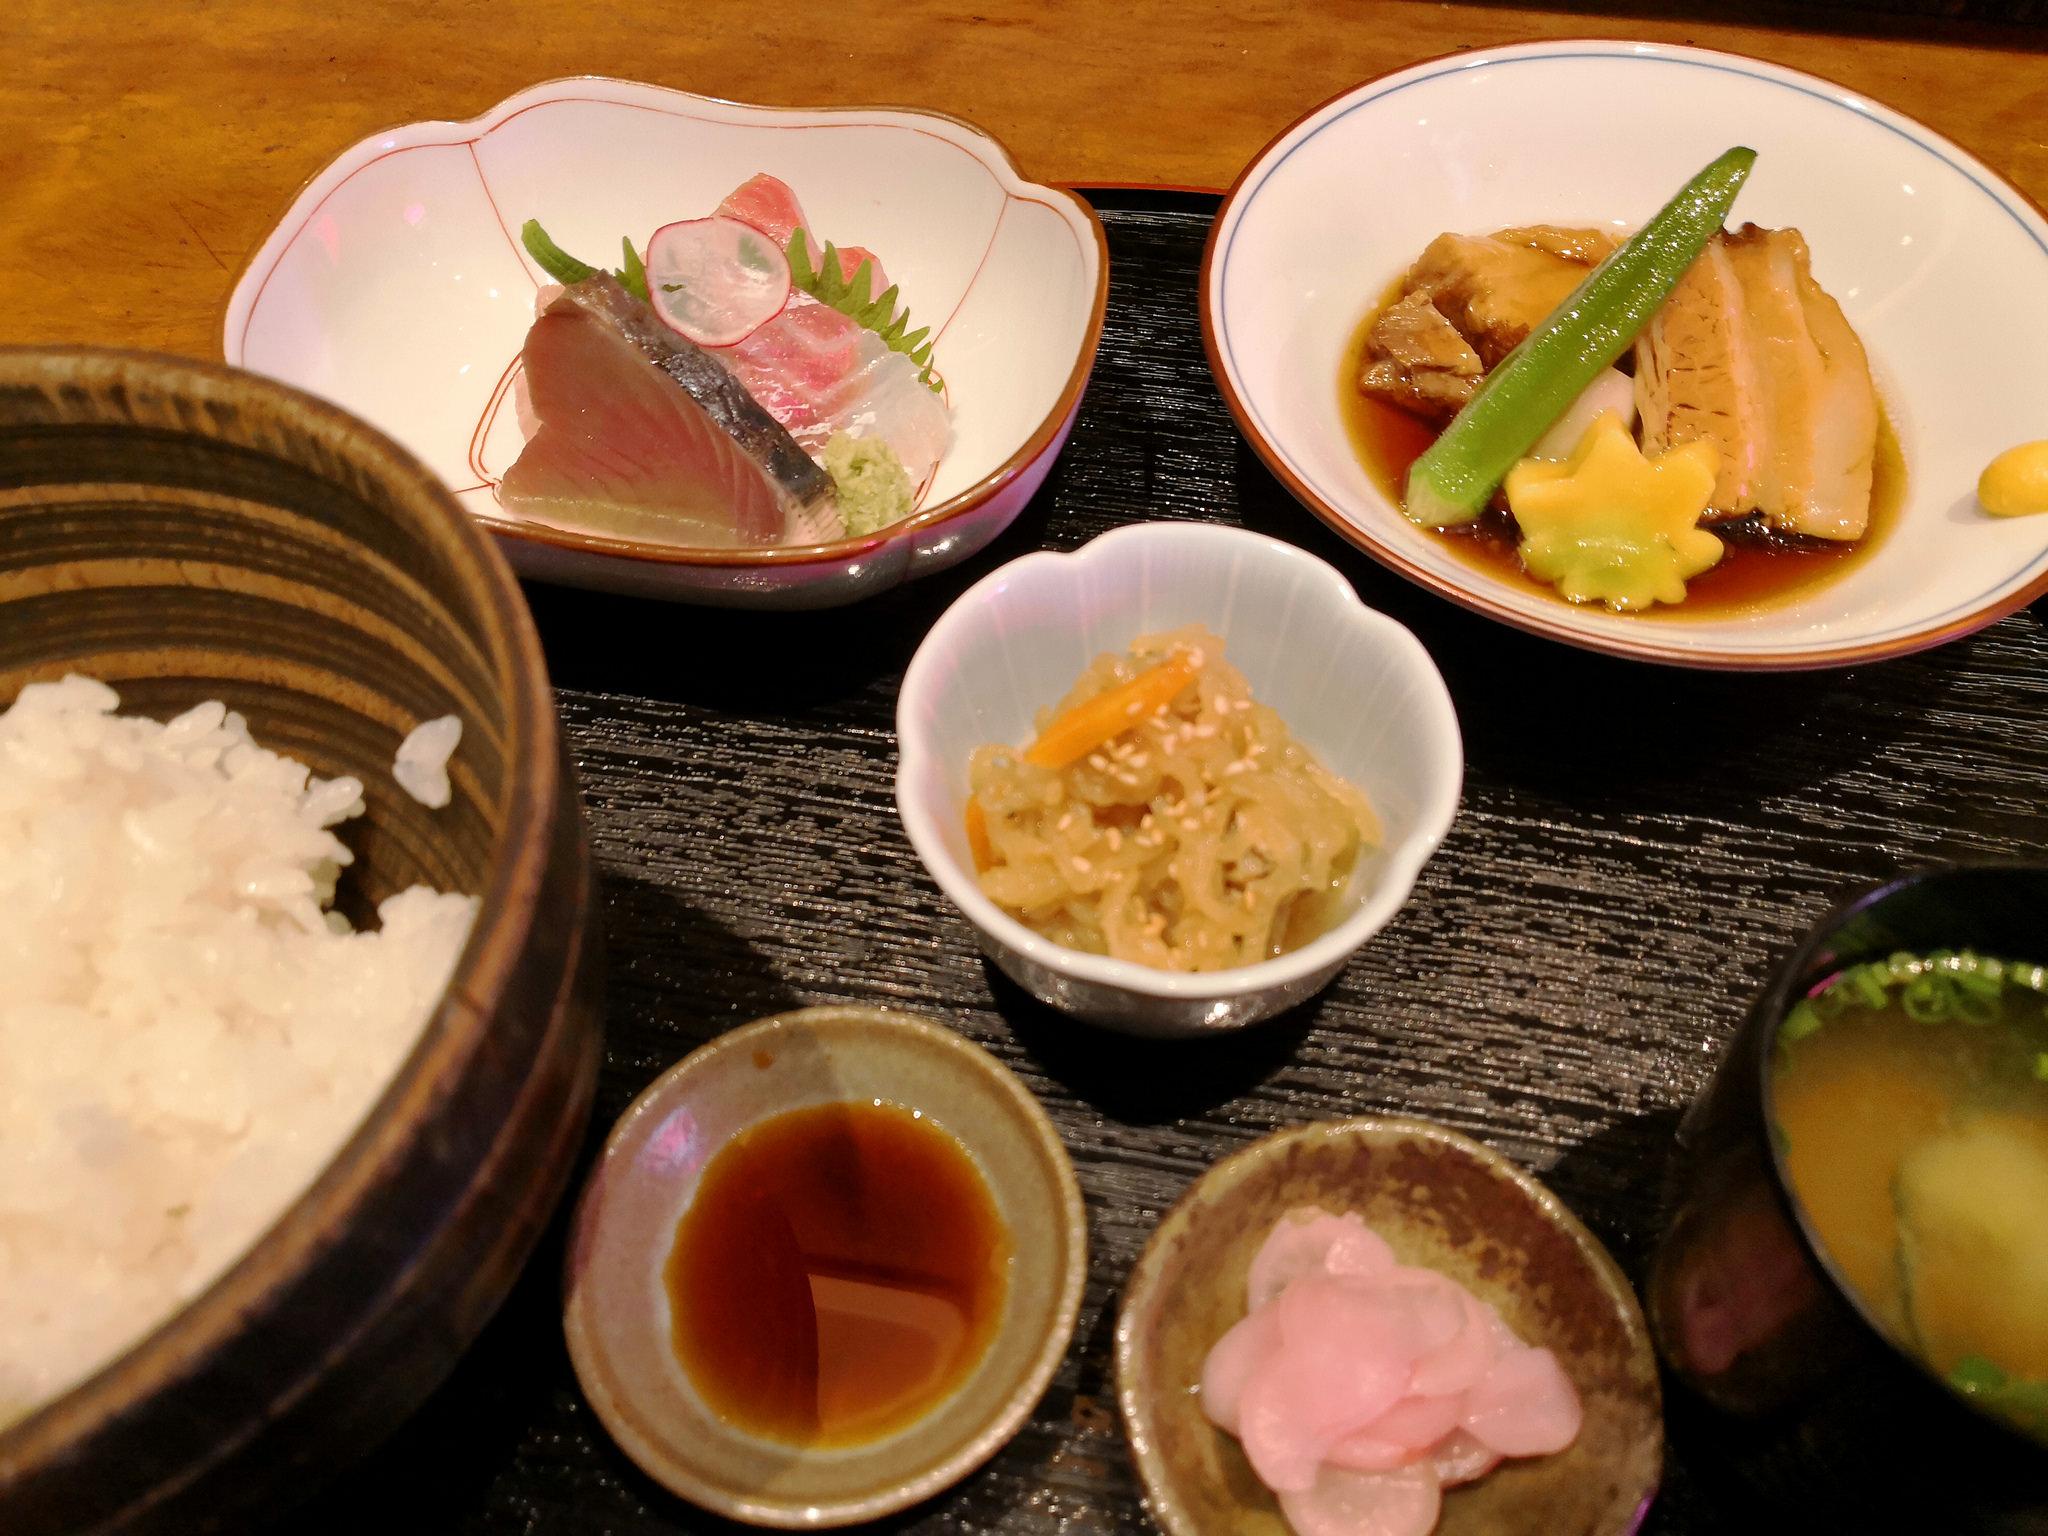 【白金】馳走 麹屋@恵比寿こうじやさんの姉妹店。安定感のある美味しい和食ランチ。